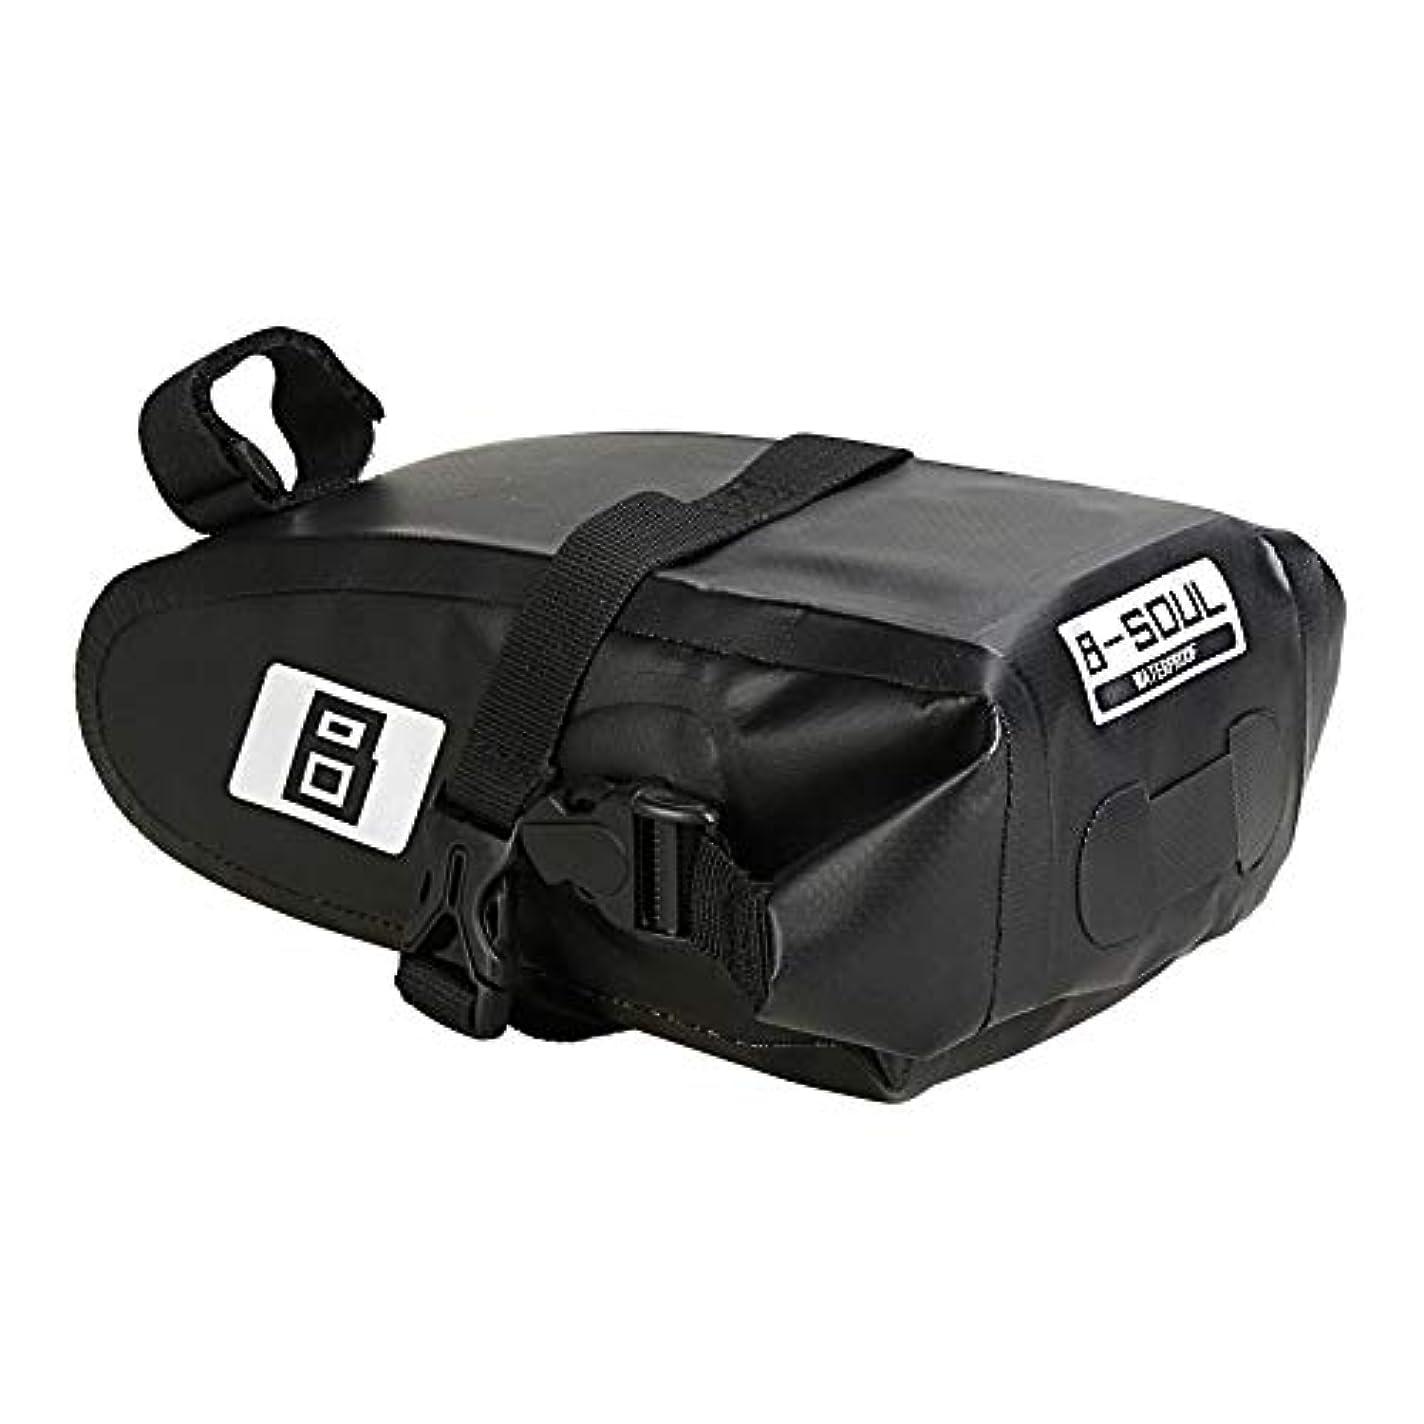 汚染された肌寒い比類のない自転車バッグ 防水 自転車リアバッグ サイクリングリアバッグ シートテールバッグ サドルバッグ 電話ホルダー ポーチ VIPECO